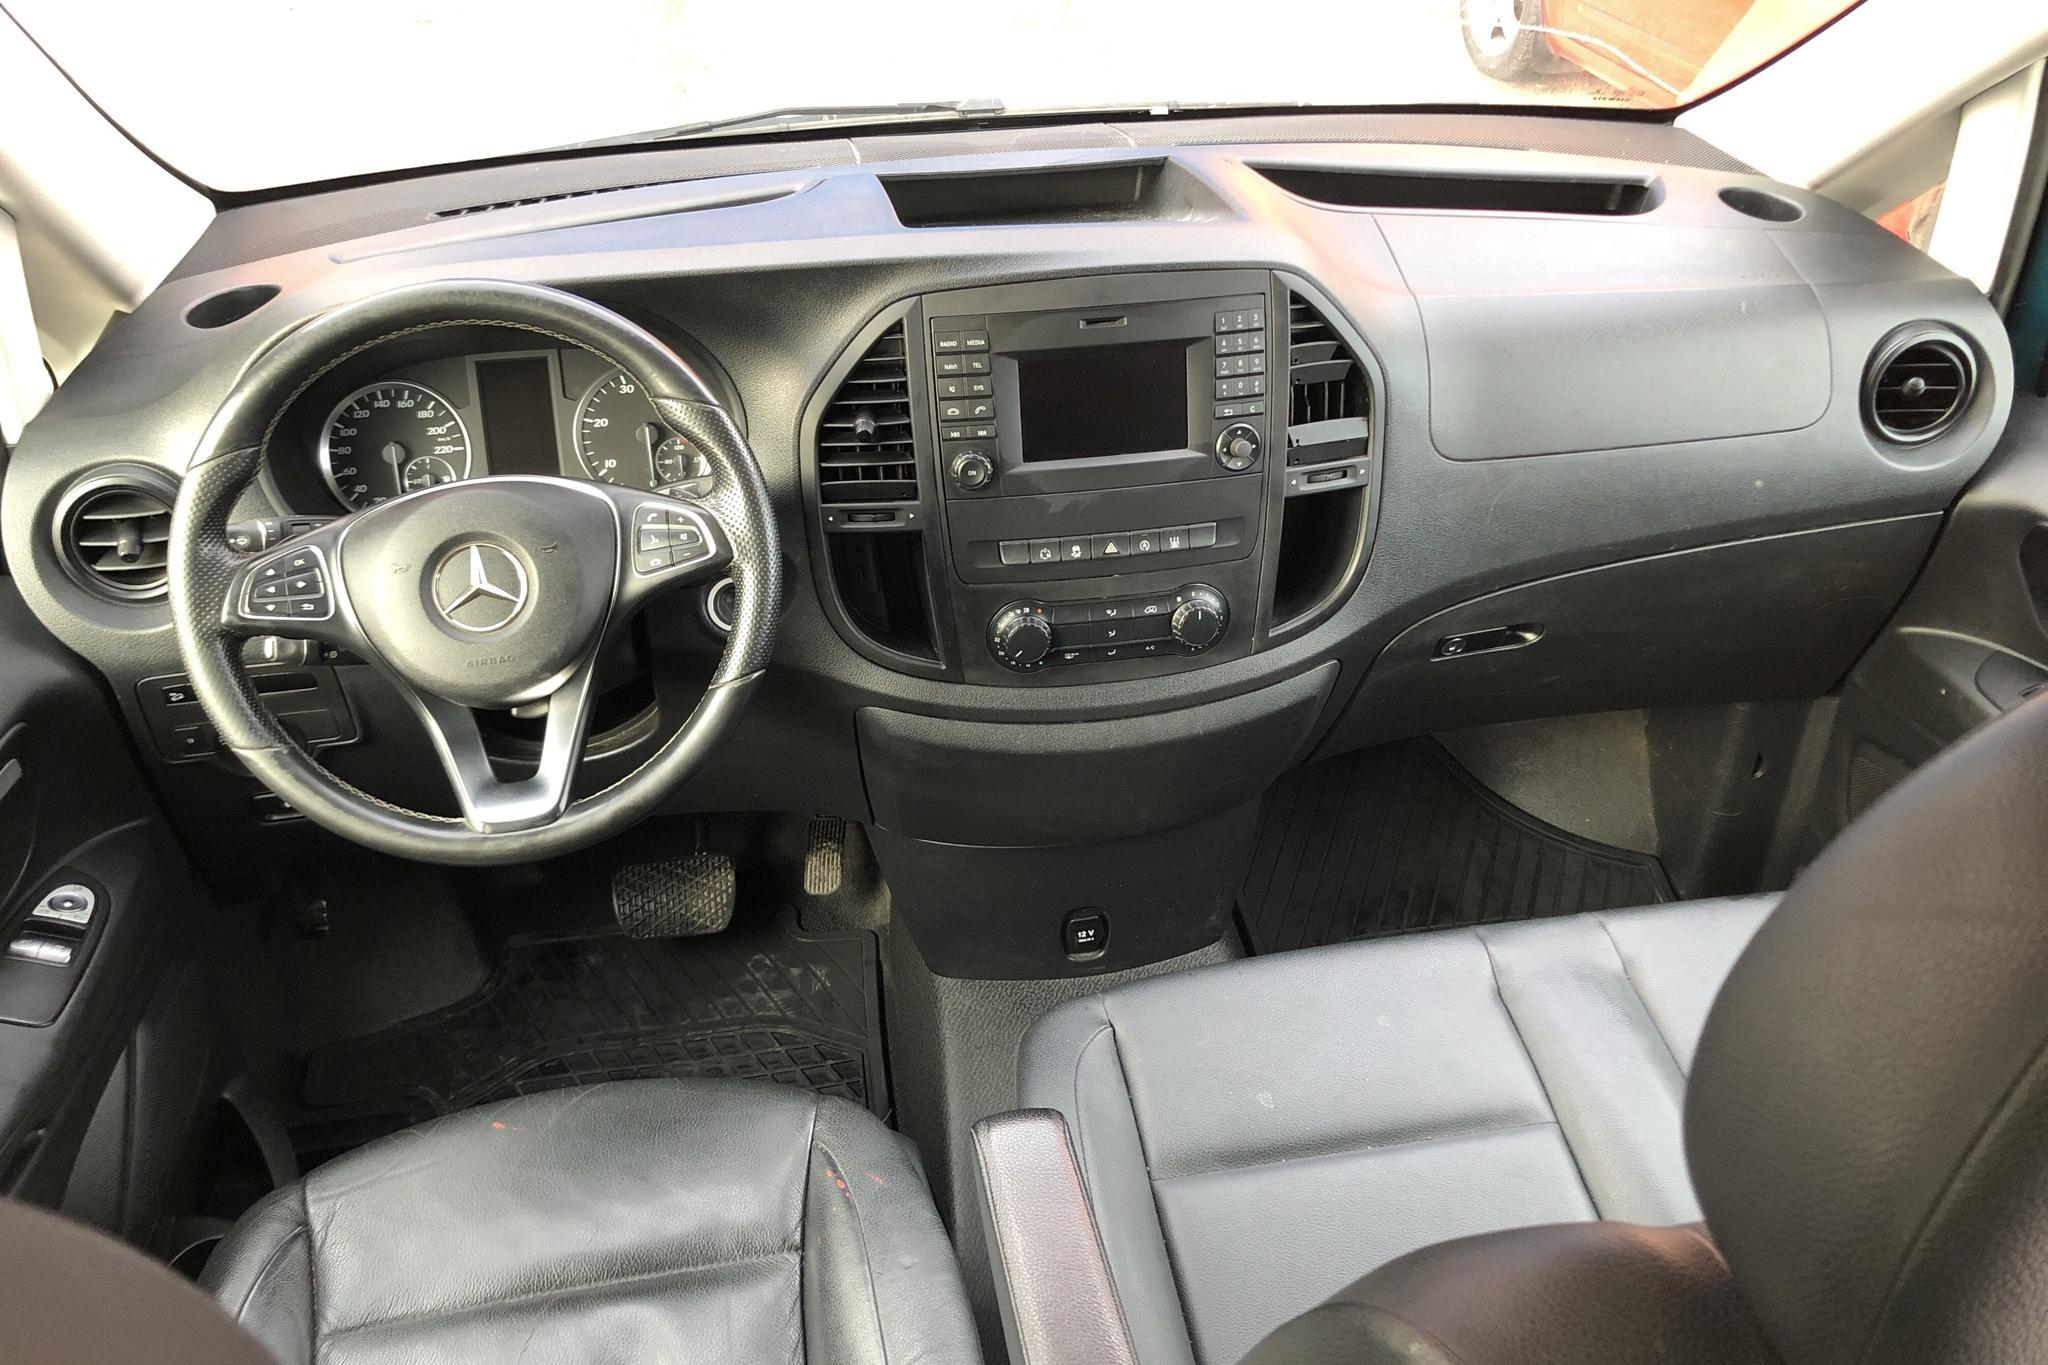 Mercedes Vito 119 BlueTEC 4x4 W640 (190hk) - 19 440 mil - Automat - Dark Green - 2017